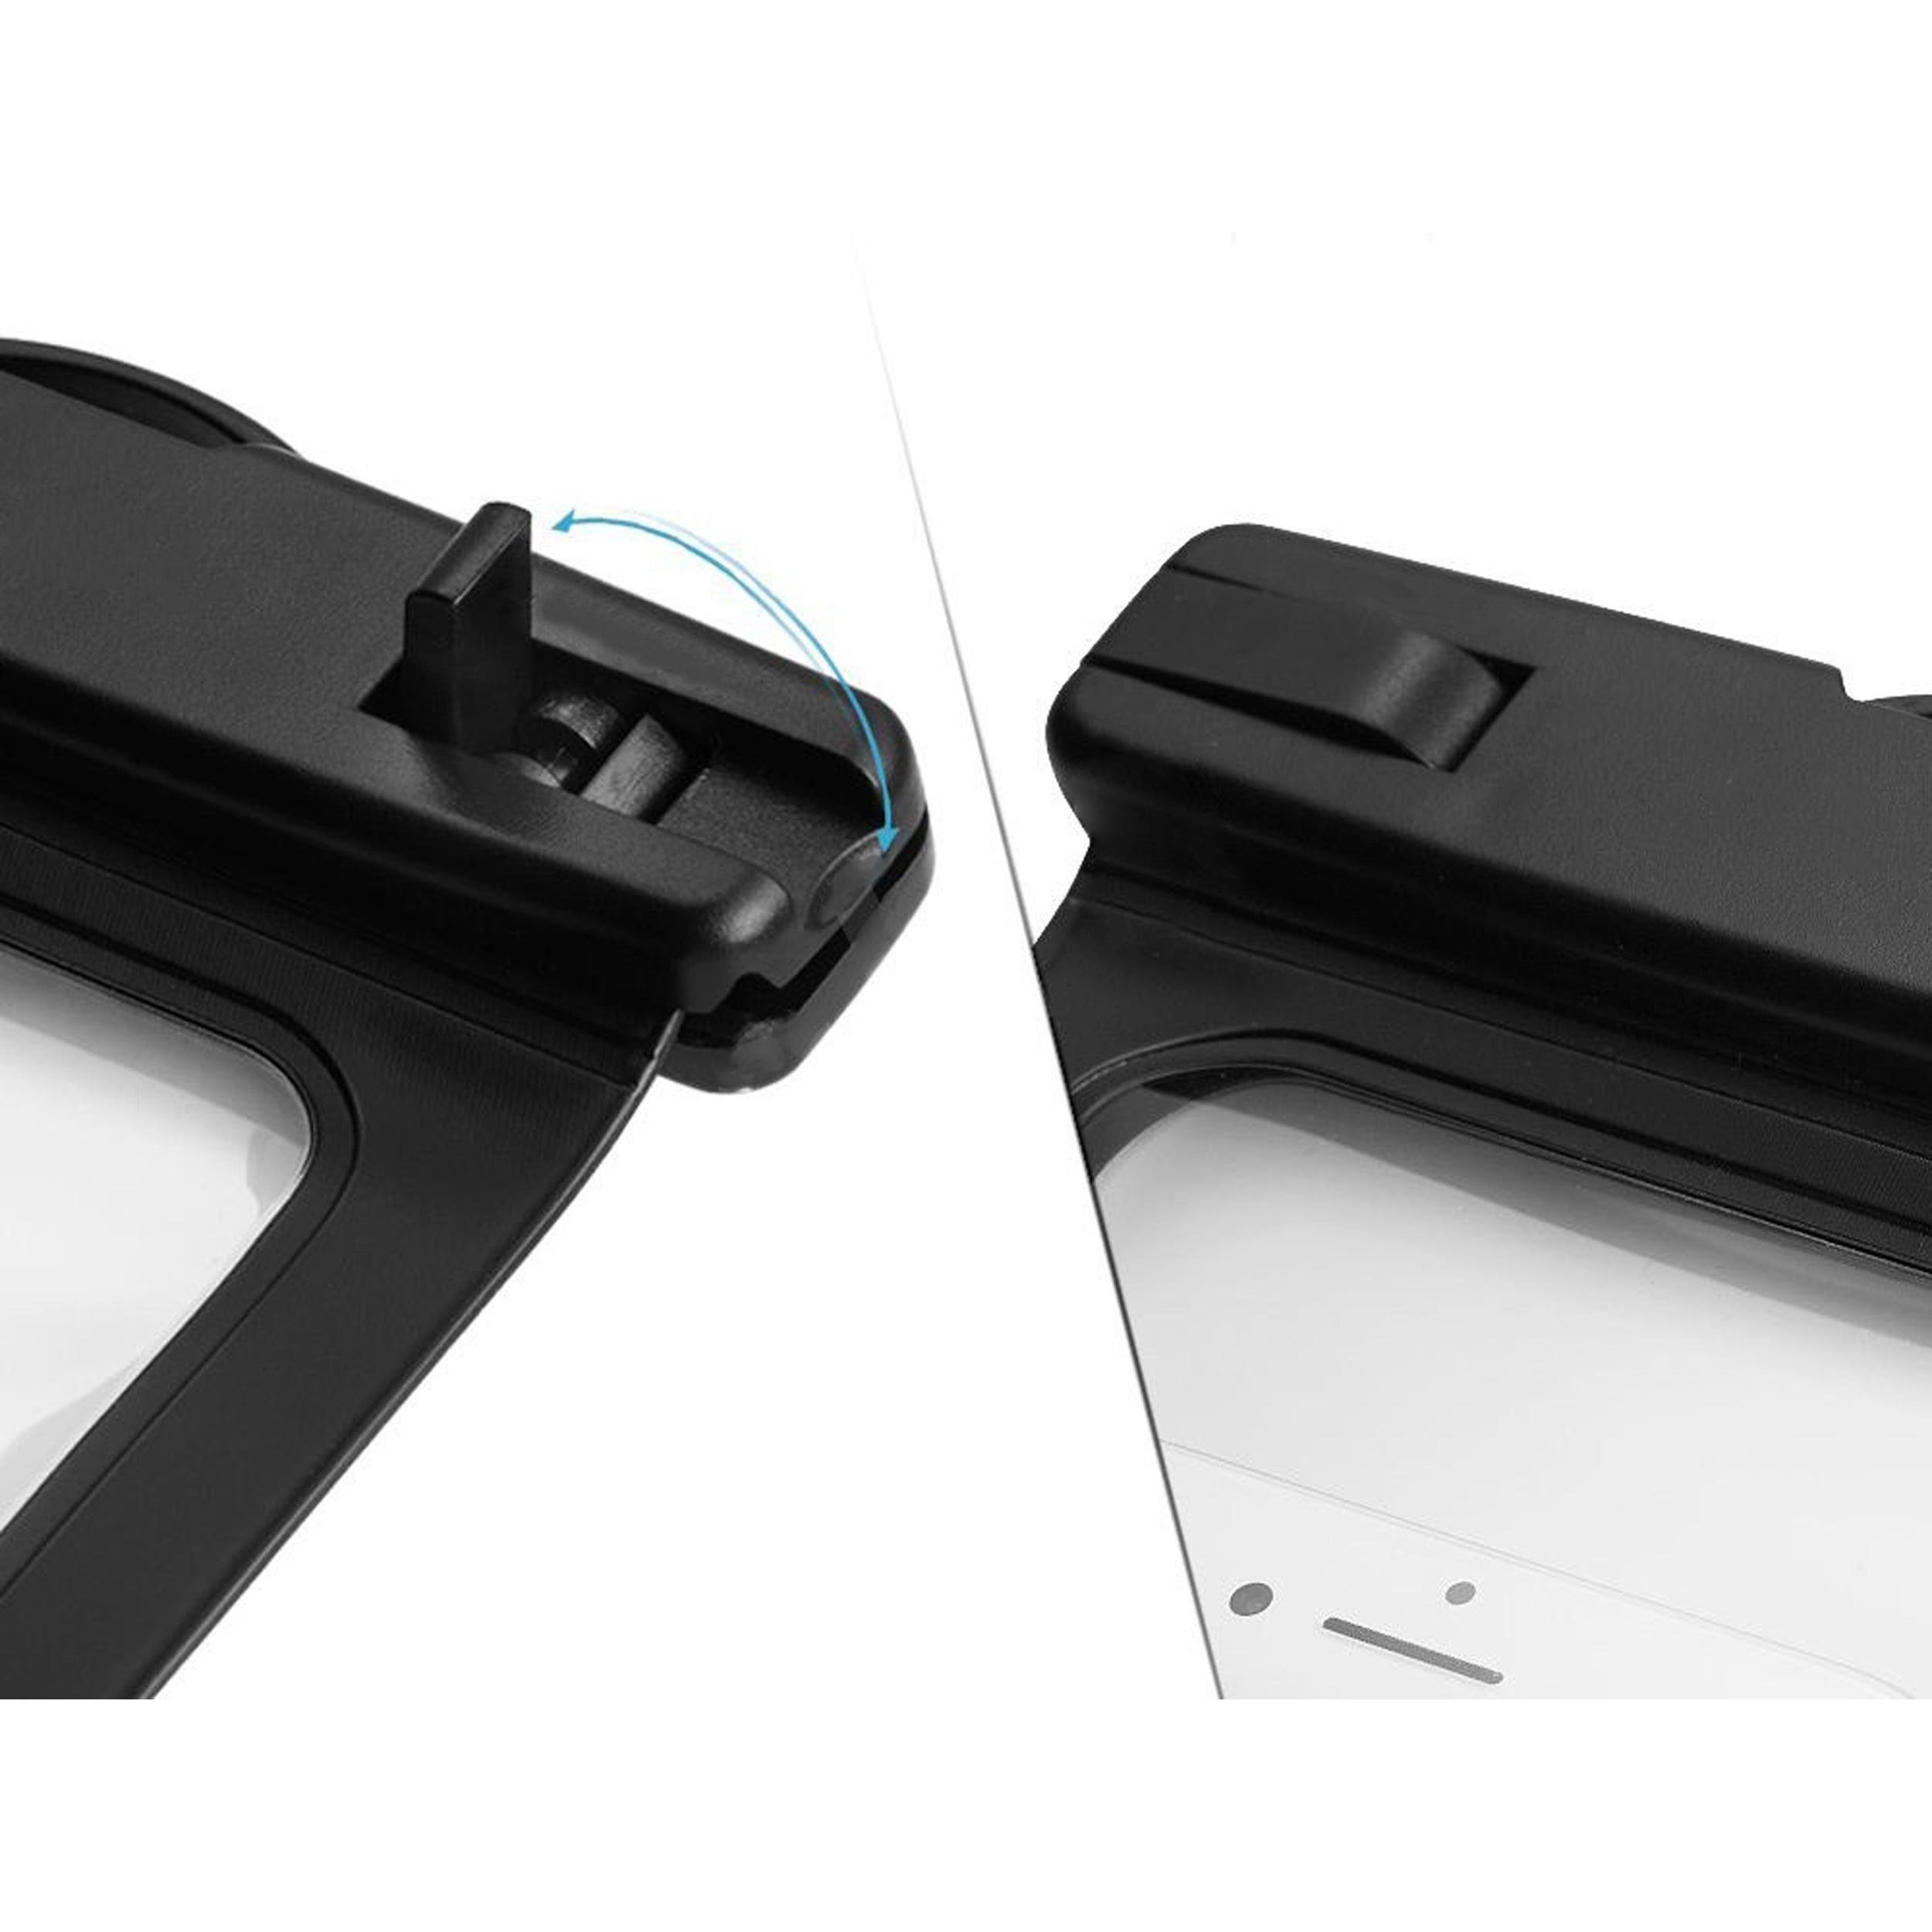 کیف ضد آب مدل WPC-7 مناسب برای گوشی موبایل تا سایز 7.0 اینچ